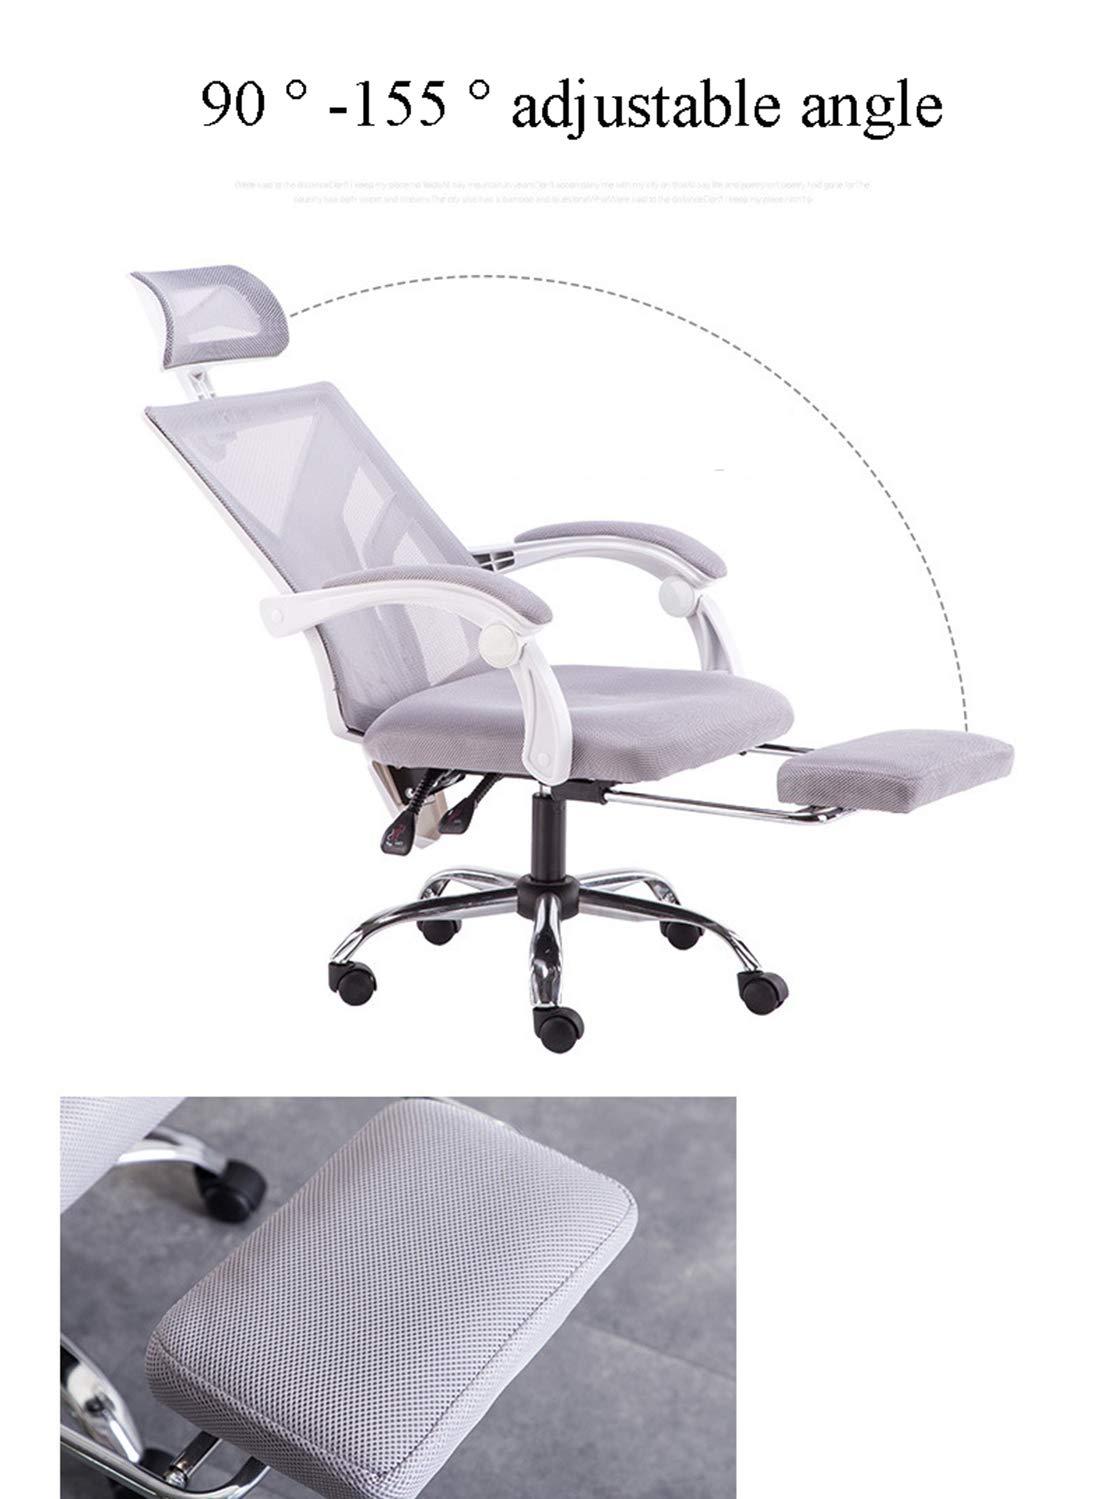 DEAR-JY Ergonomisk kontorsstol, 360° svängbar stol, hög rygg andningsbar nätstol med lutningsfunktion, armstöd och ländrygg stöd datorstol, spelstol med justerbart nackstöd Svart